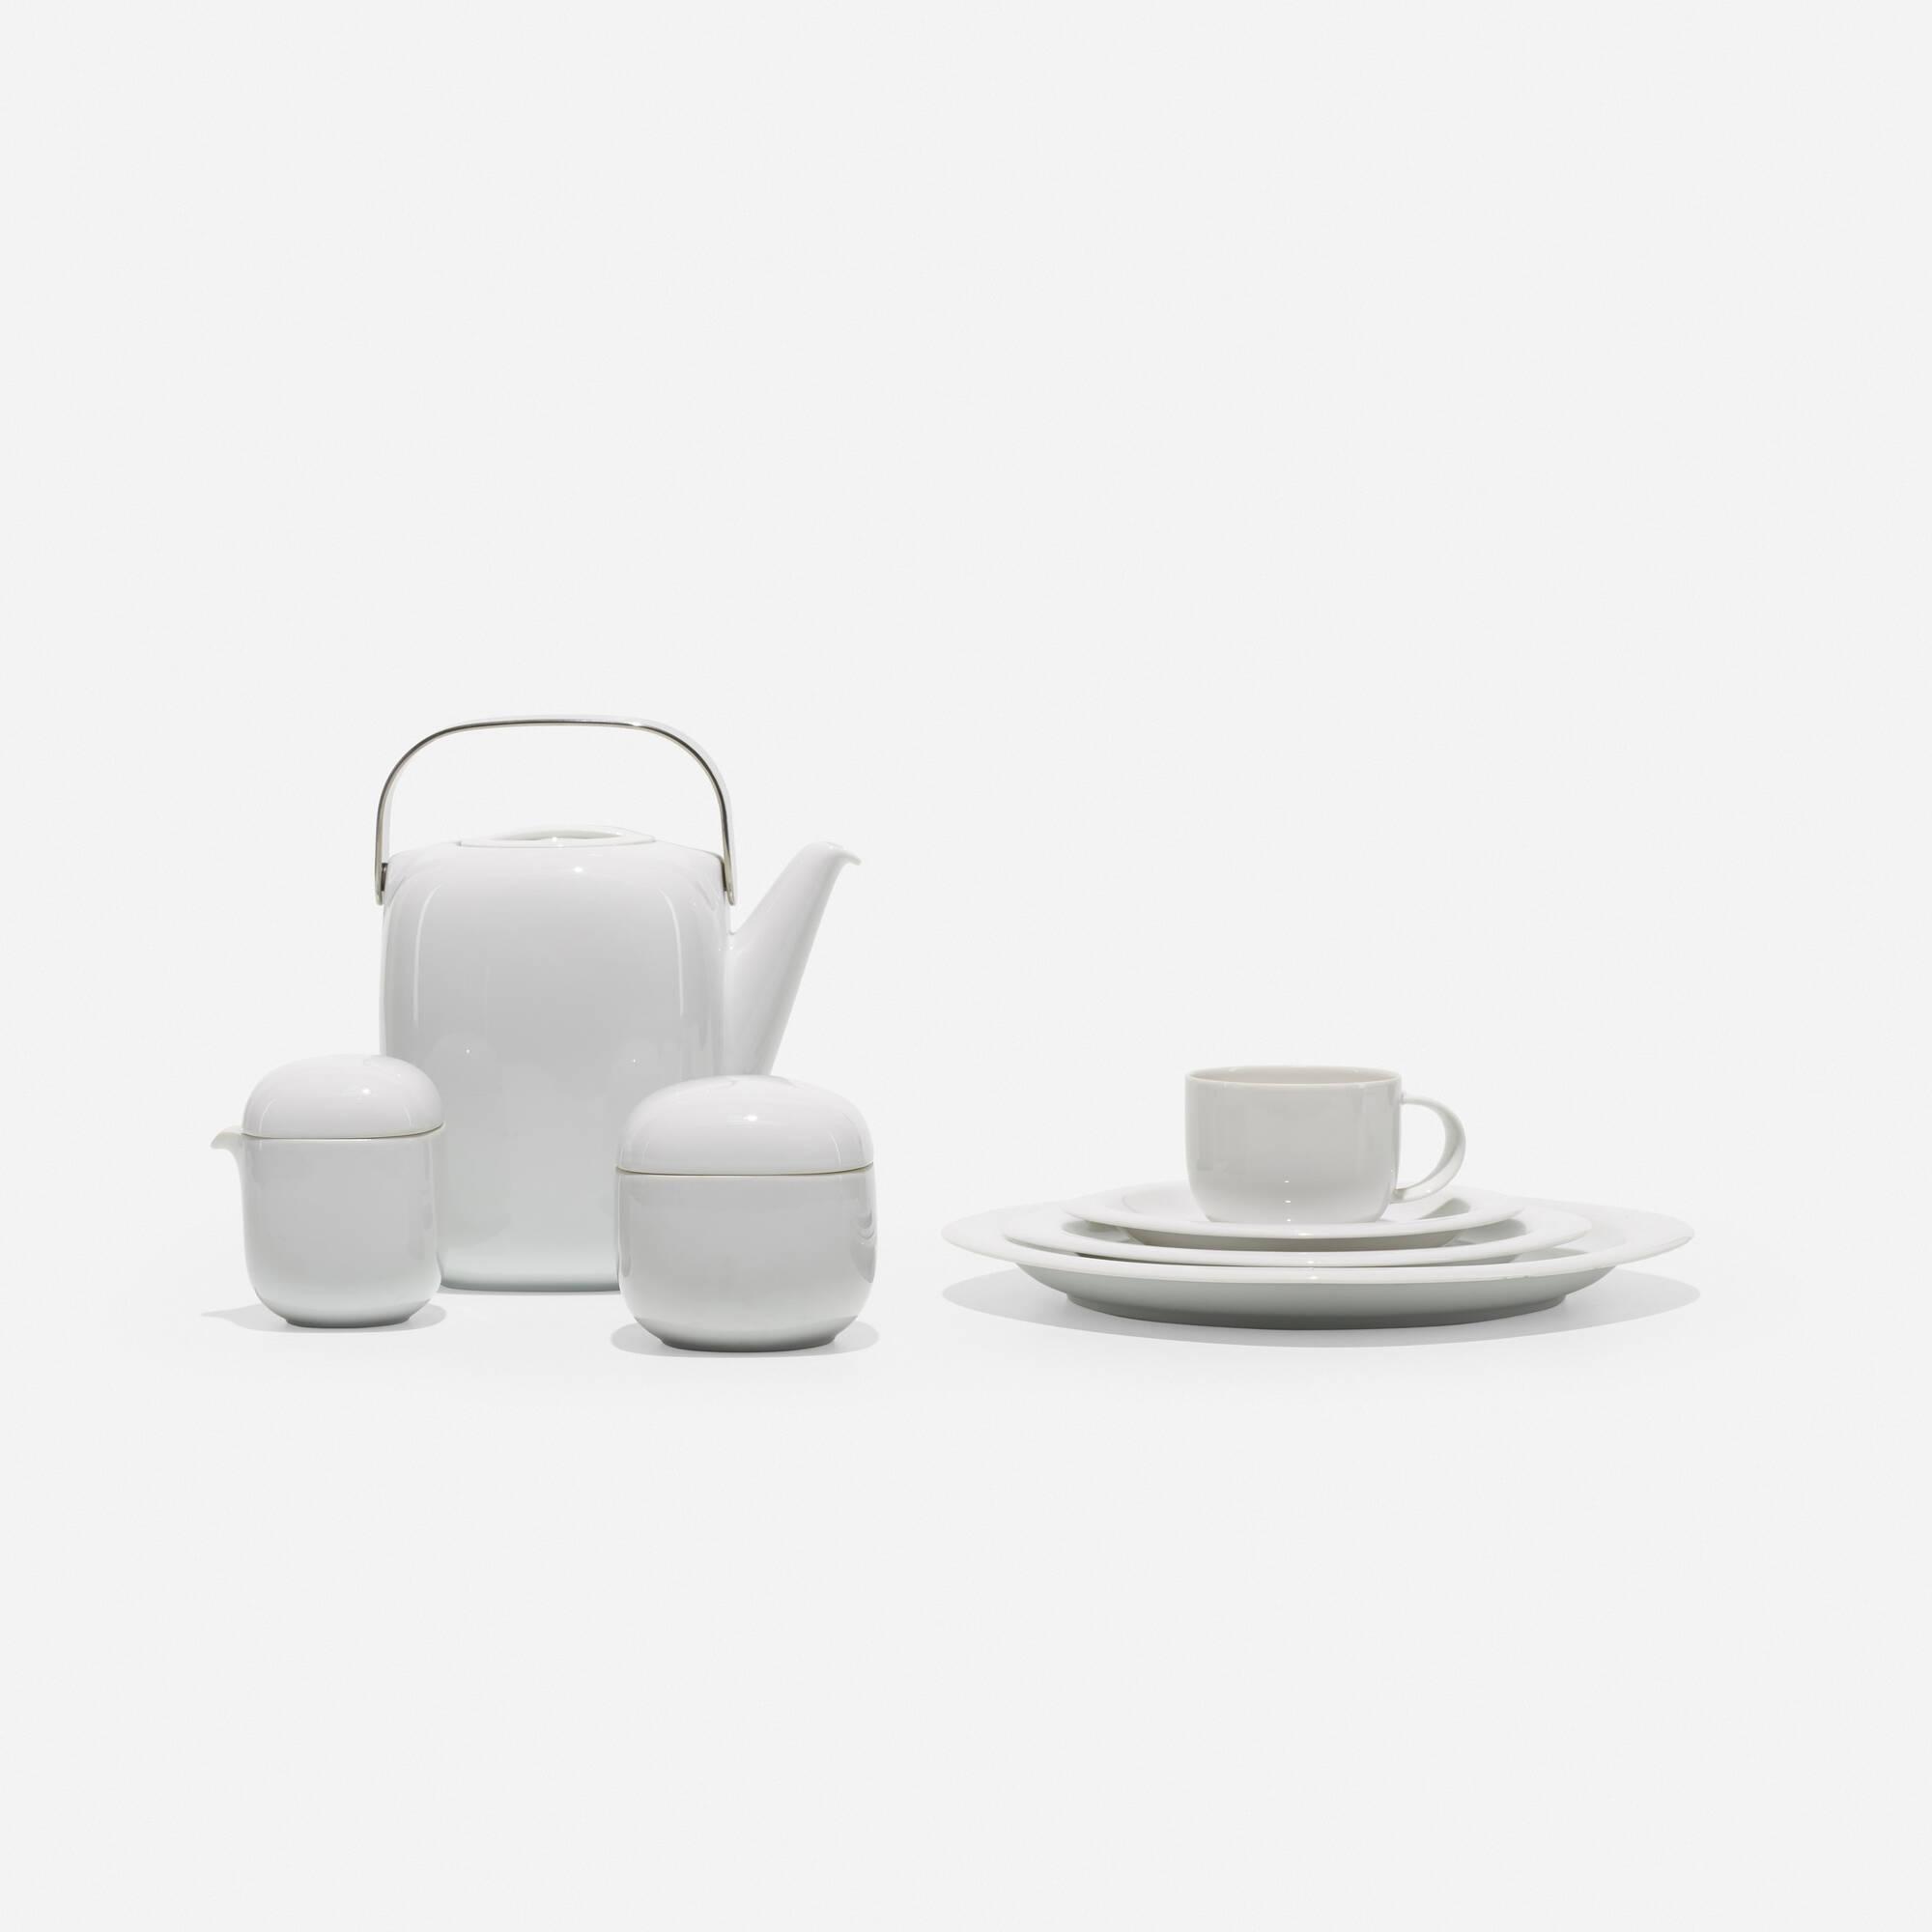 149: Timo Sarpaneva / Suomi coffee service (2 of 2)